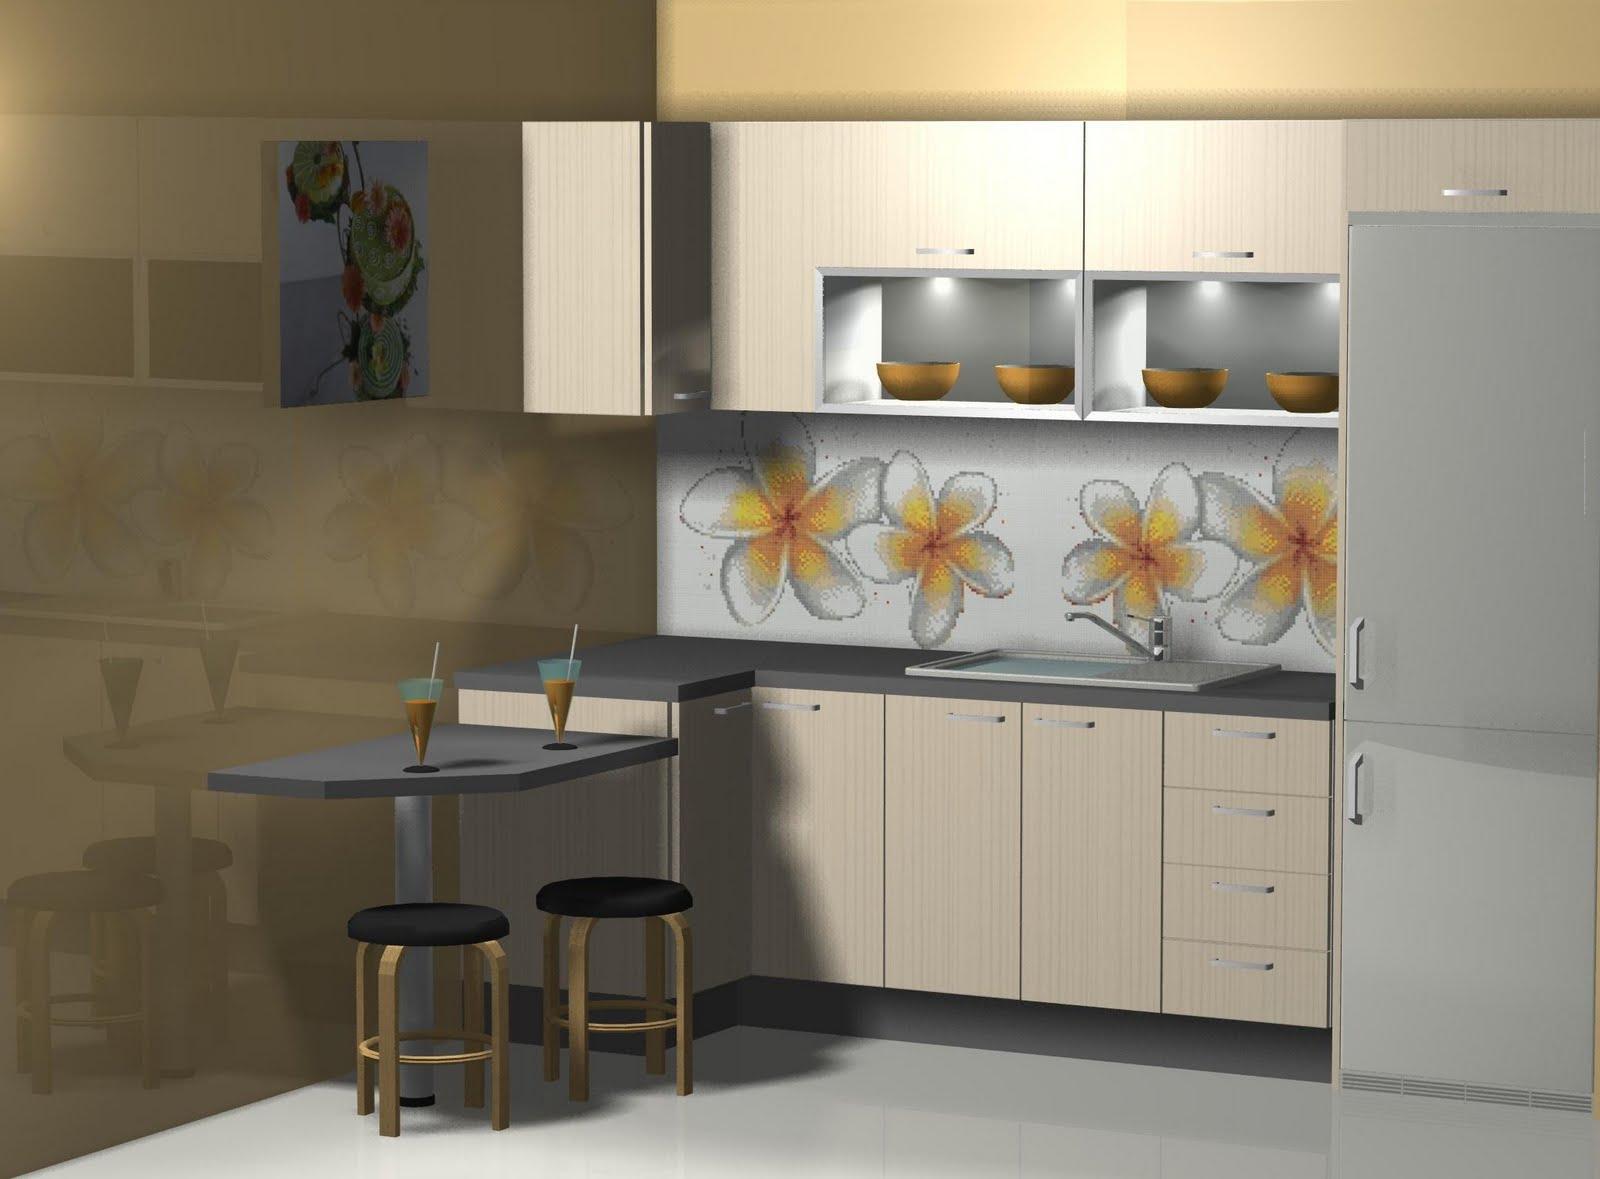 Dise o de cocina con barra para desayuno for Disenos de cocinas pequenas con barra